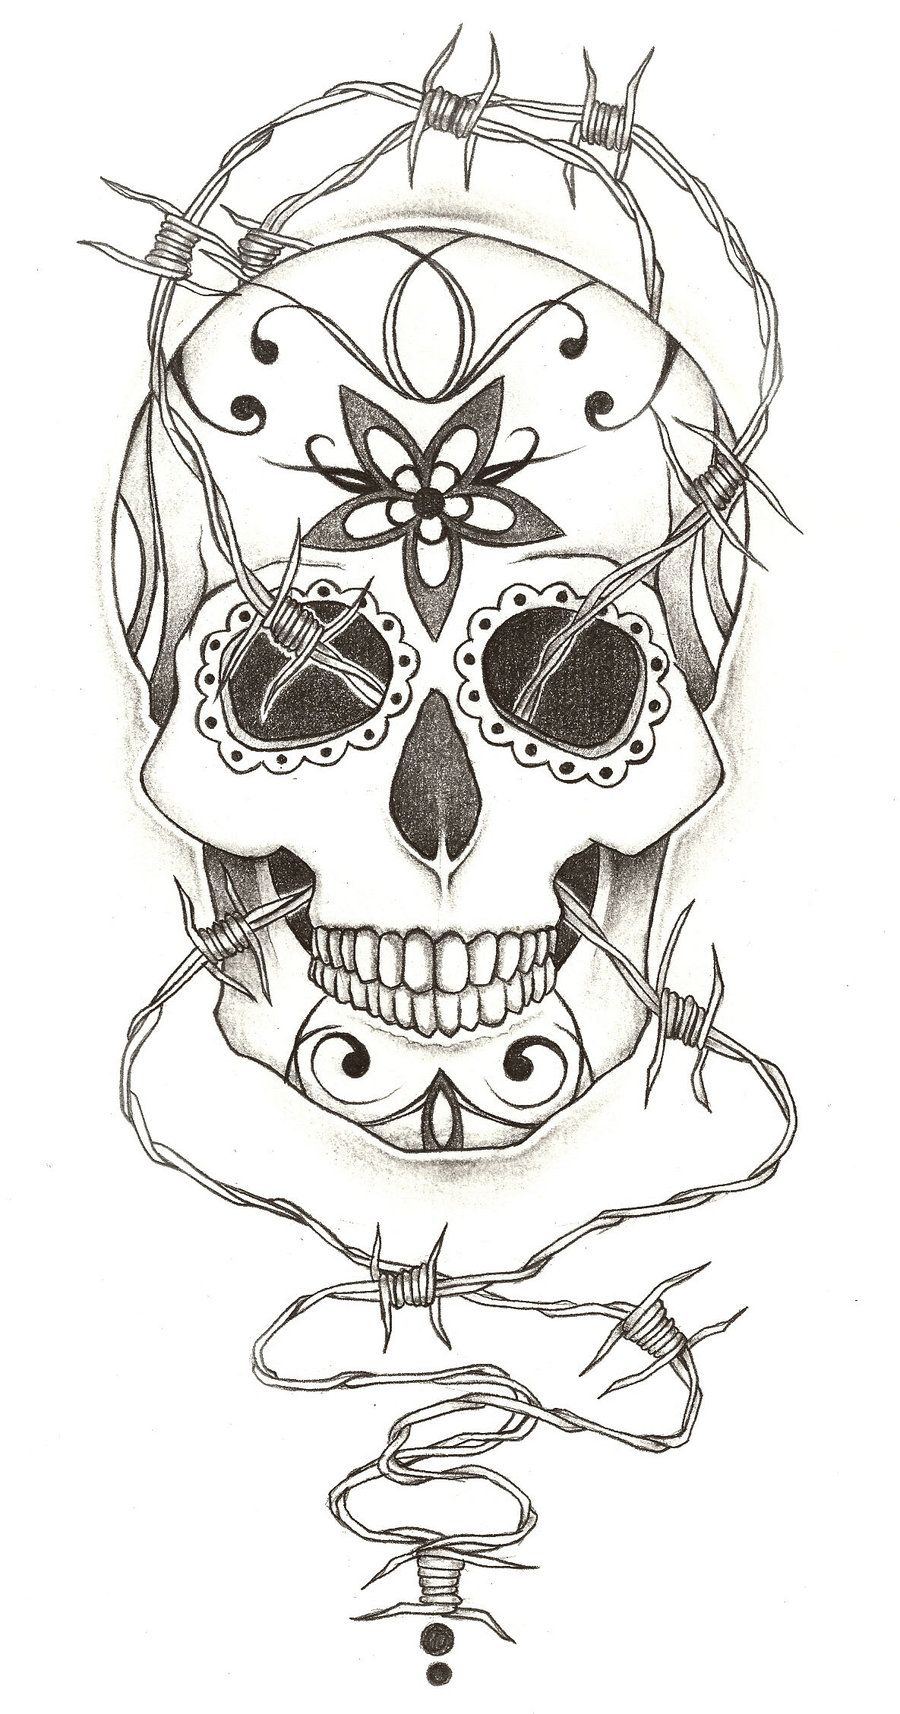 Simple skull tattoo designs - Sugar Skull Tattoo Design By Charlie Megalomad On Deviantart